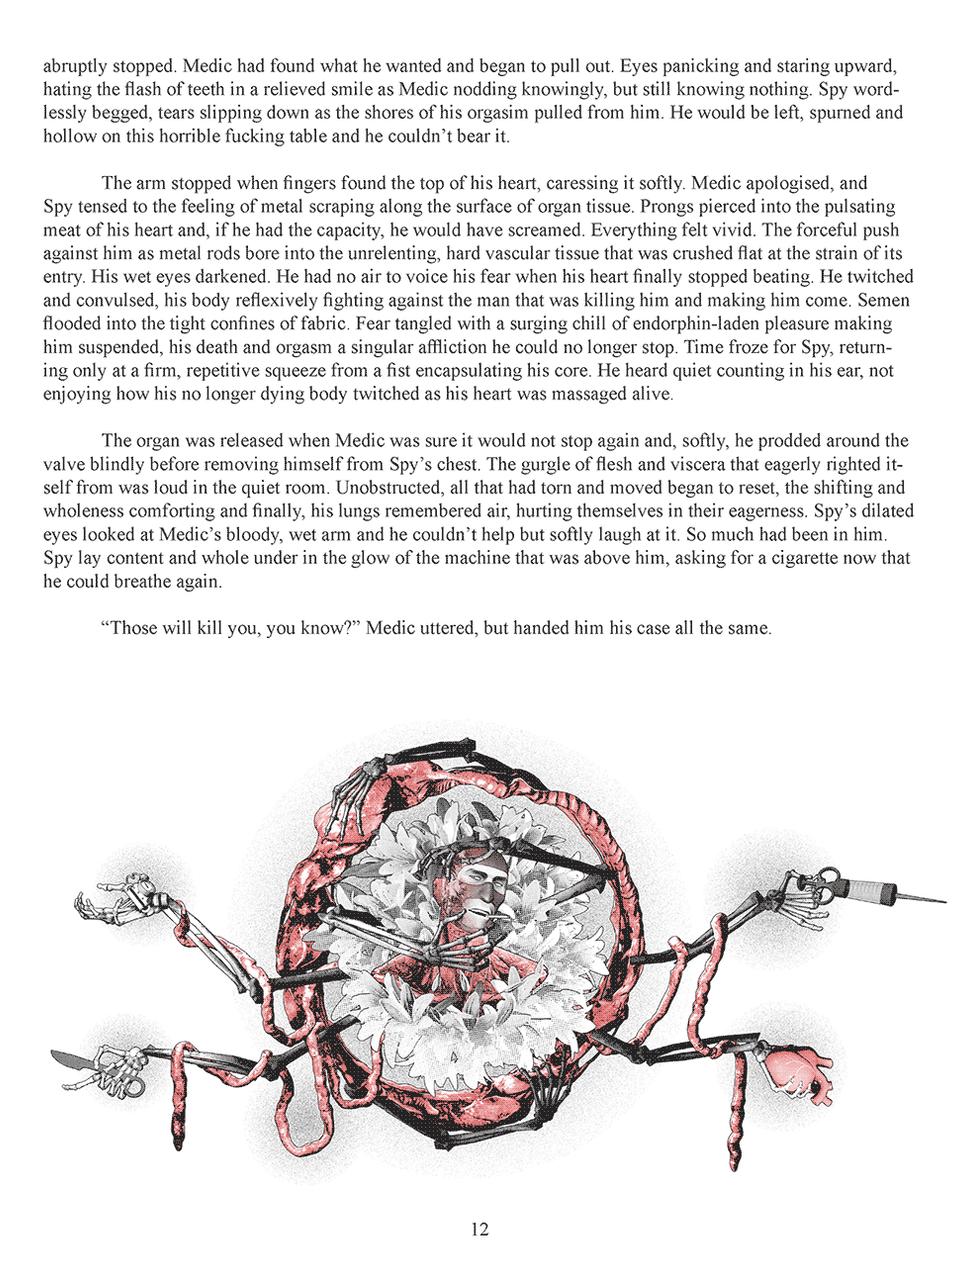 FINALtf2gorezine_Page_12.png